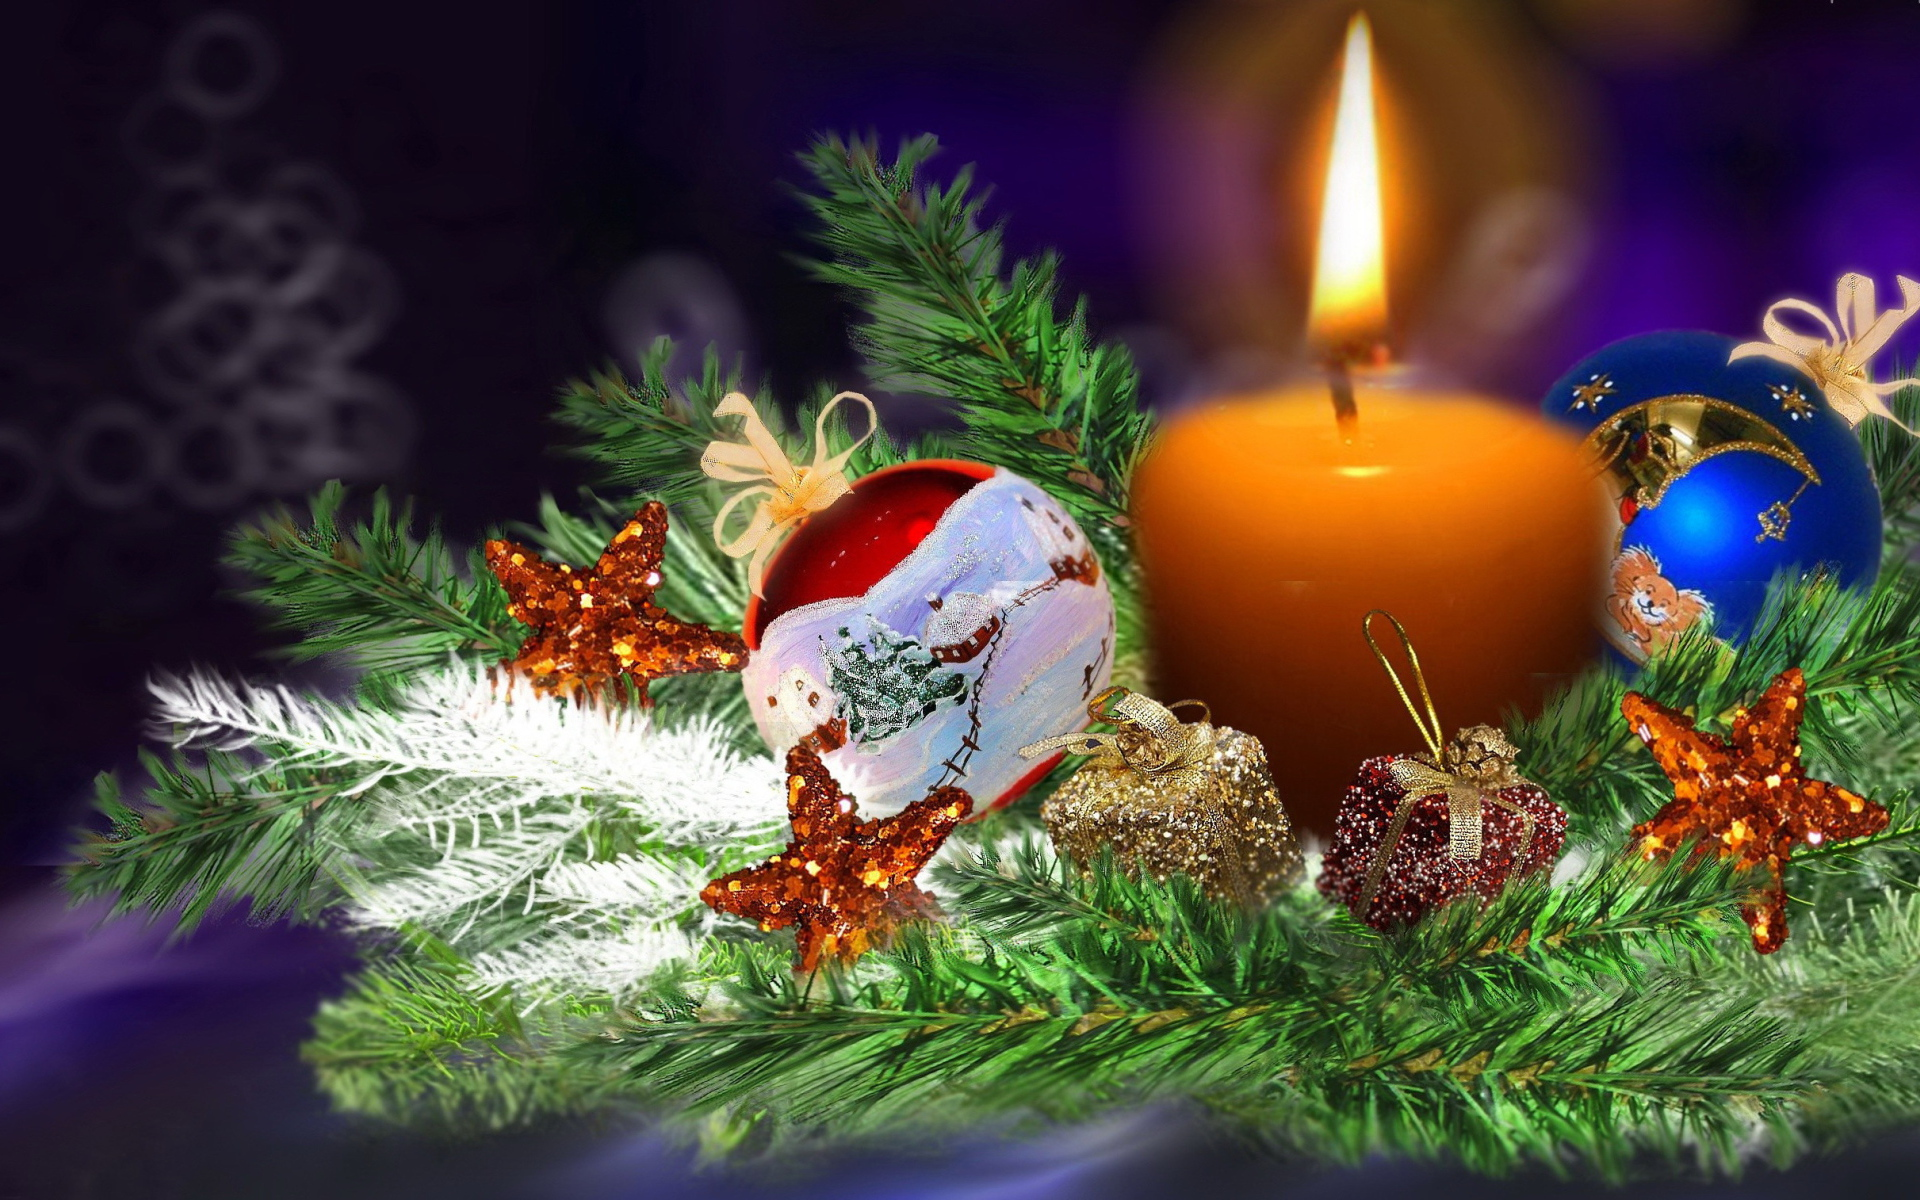 Свеча на ветке елки - C Рождеством Христовым поздравительные картинки